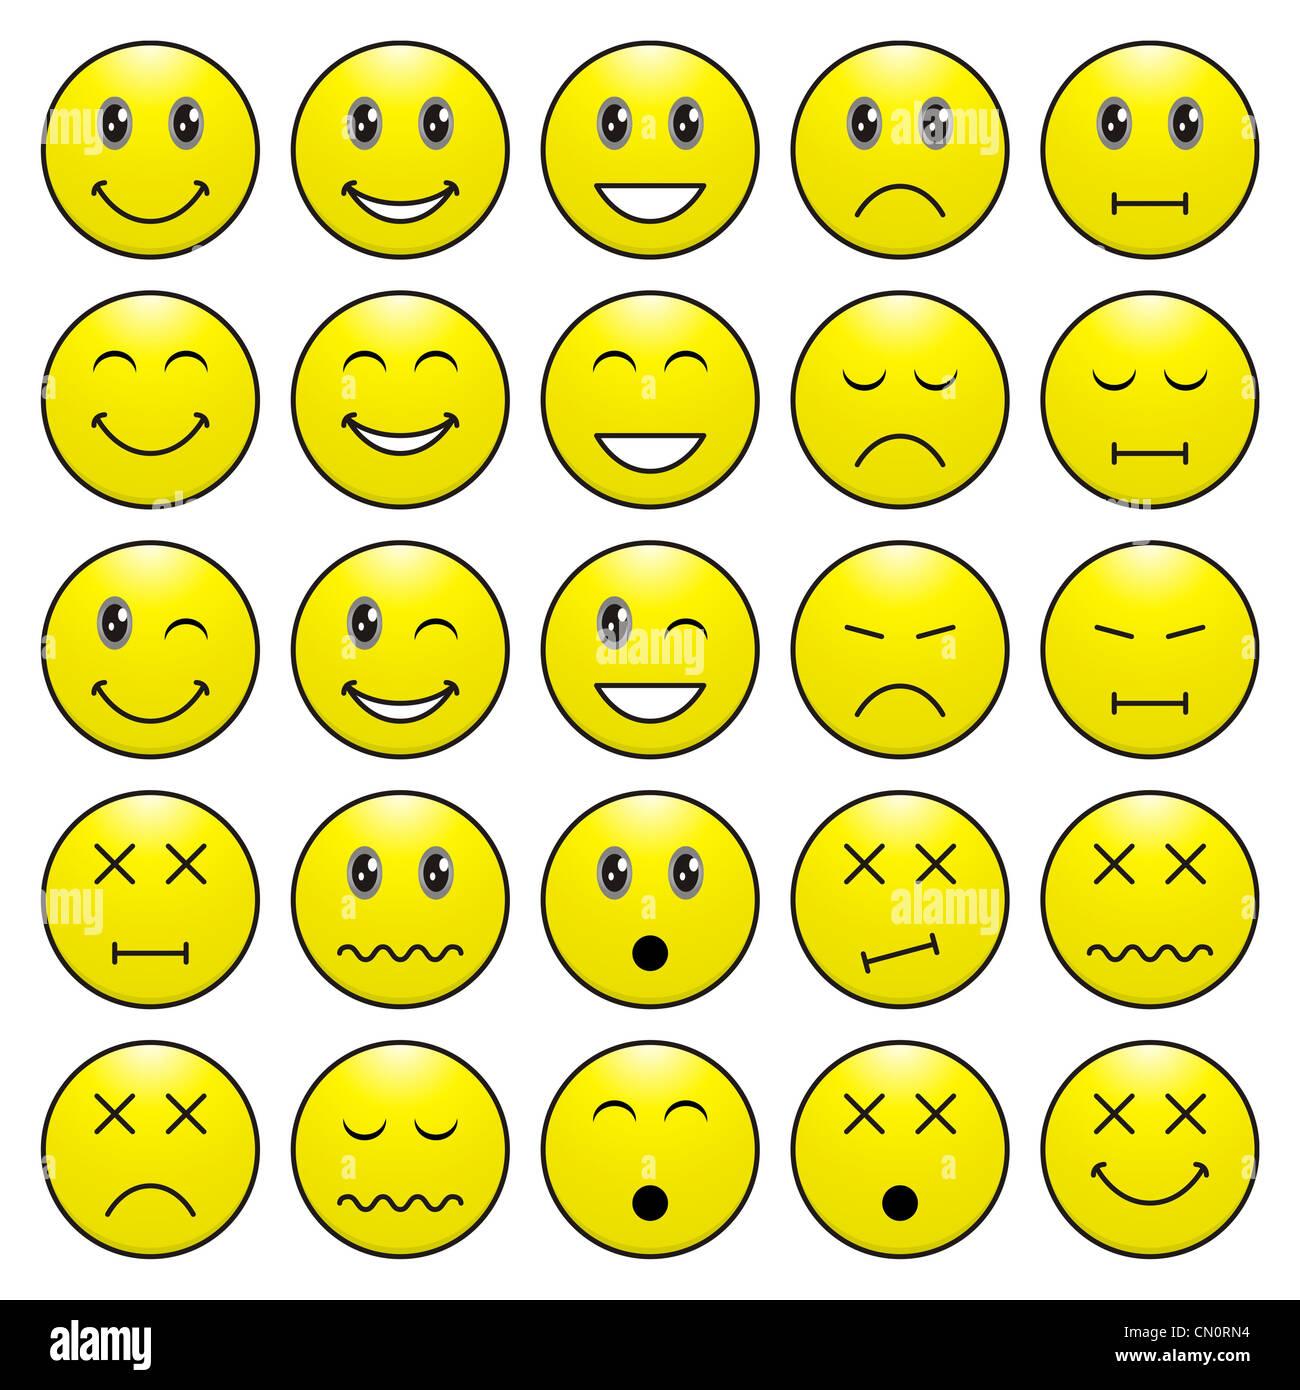 Pack von Gesichtern (Emoticons) mit verschiedenen Emotionen Ausdruck Stockbild